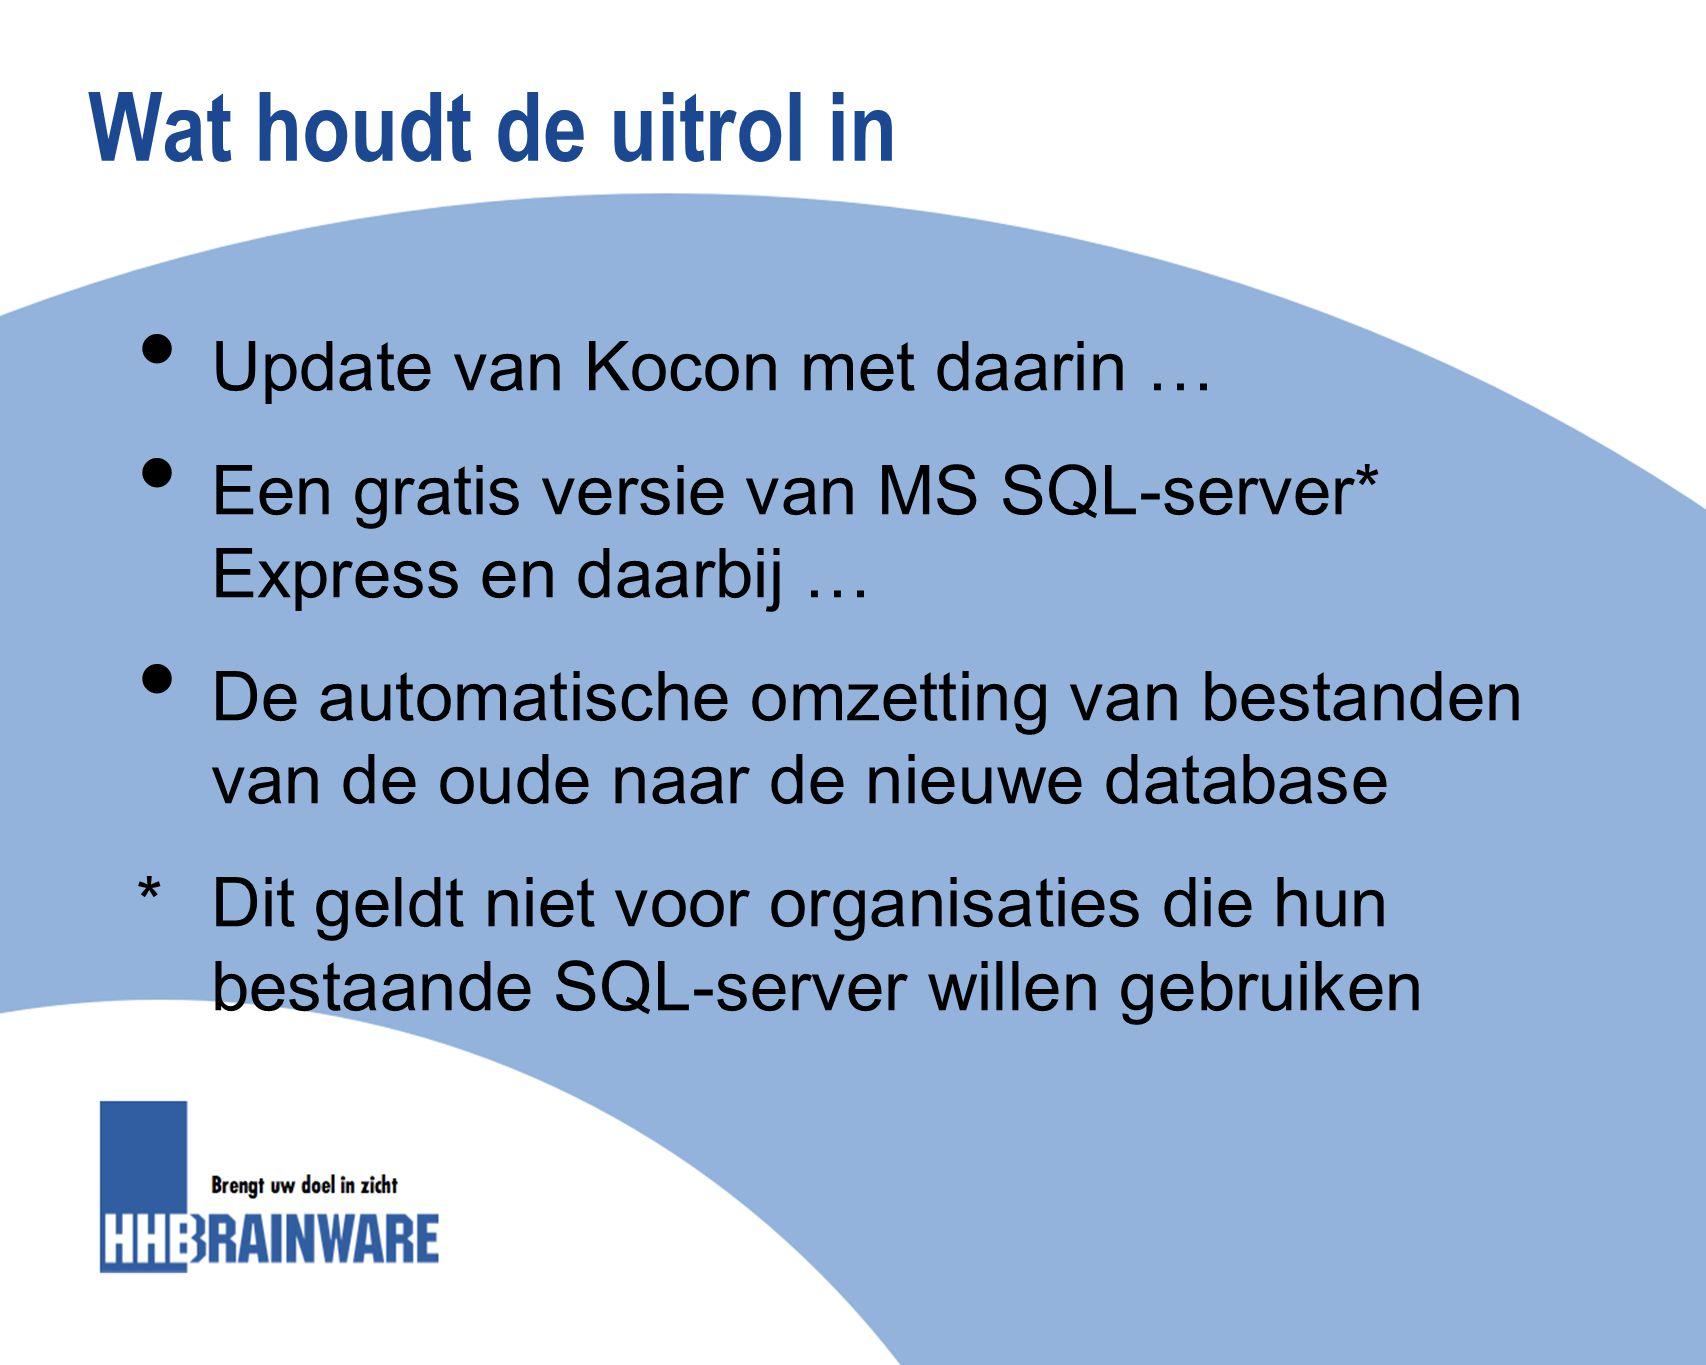 Wat houdt de uitrol in Update van Kocon met daarin … Een gratis versie van MS SQL-server* Express en daarbij … De automatische omzetting van bestanden